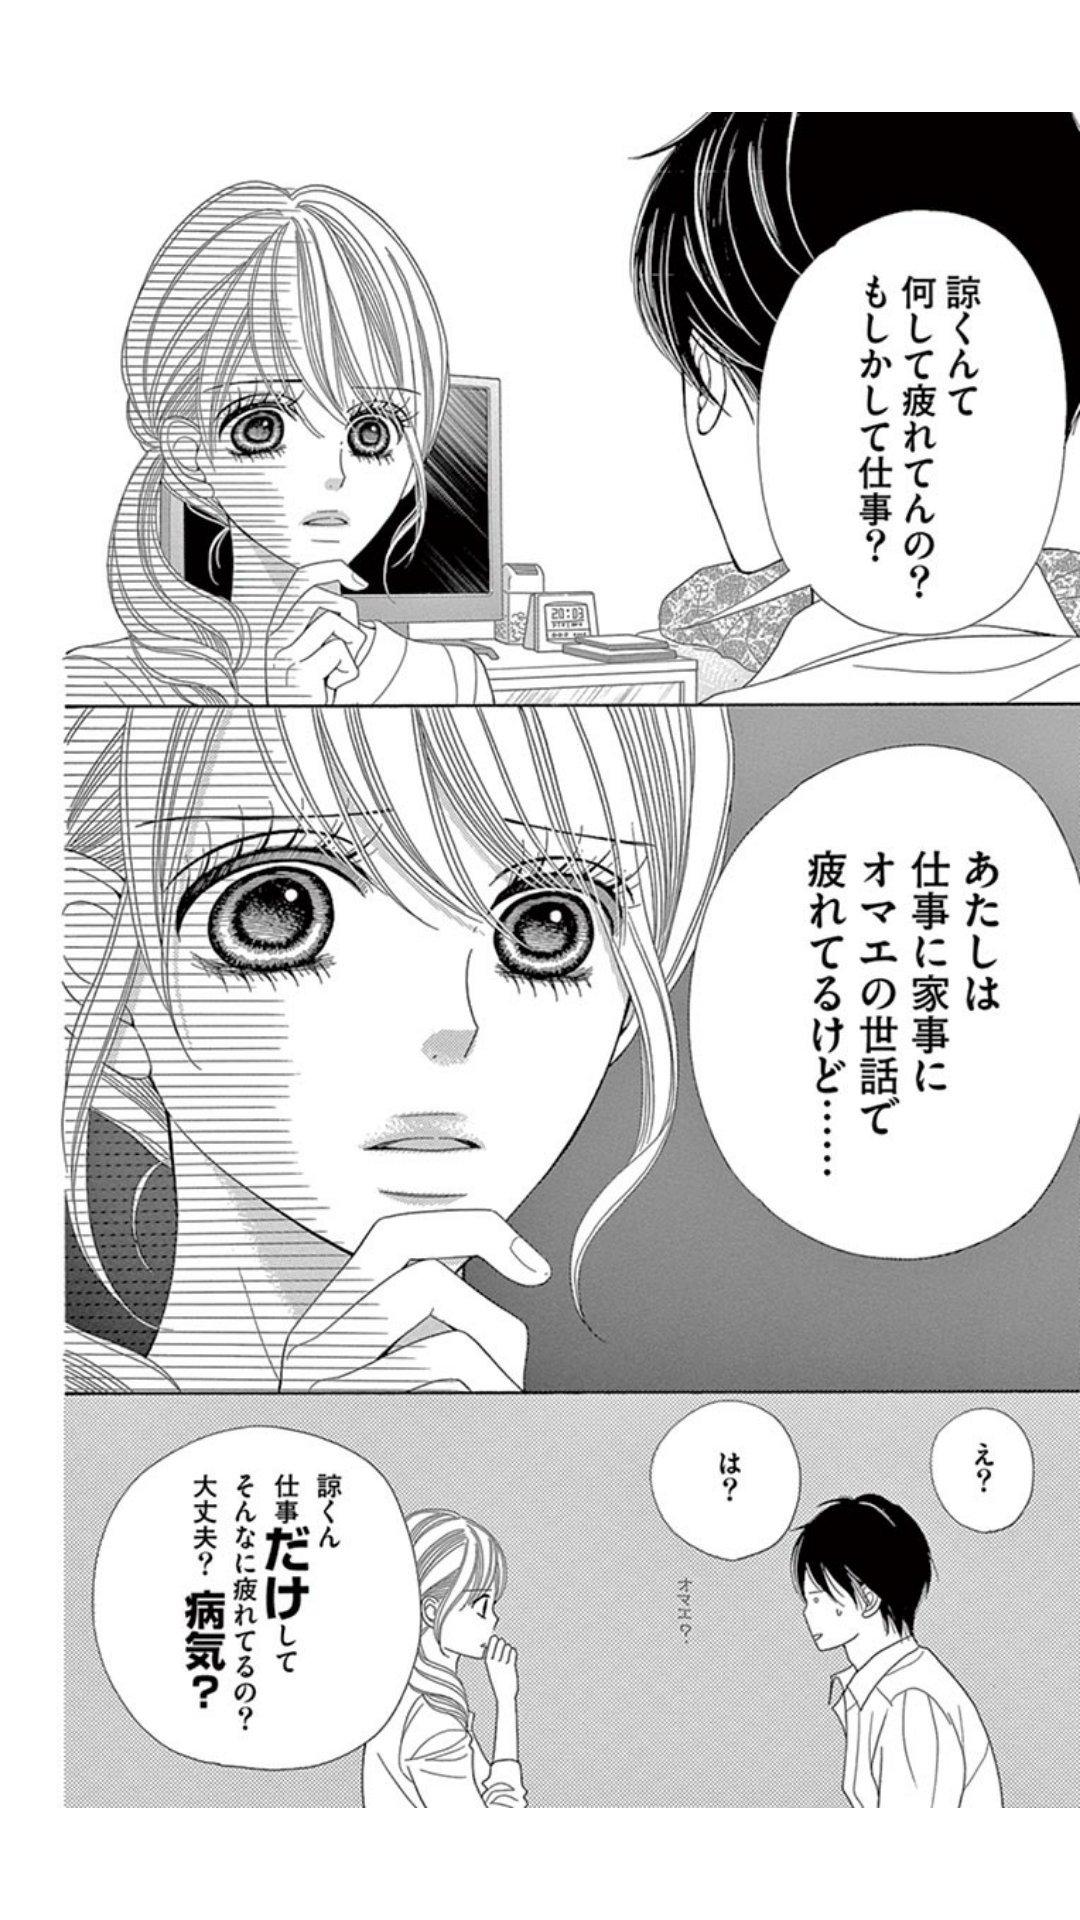 #深夜のダメ恋図鑑 がおもしろすぎてお腹痛い